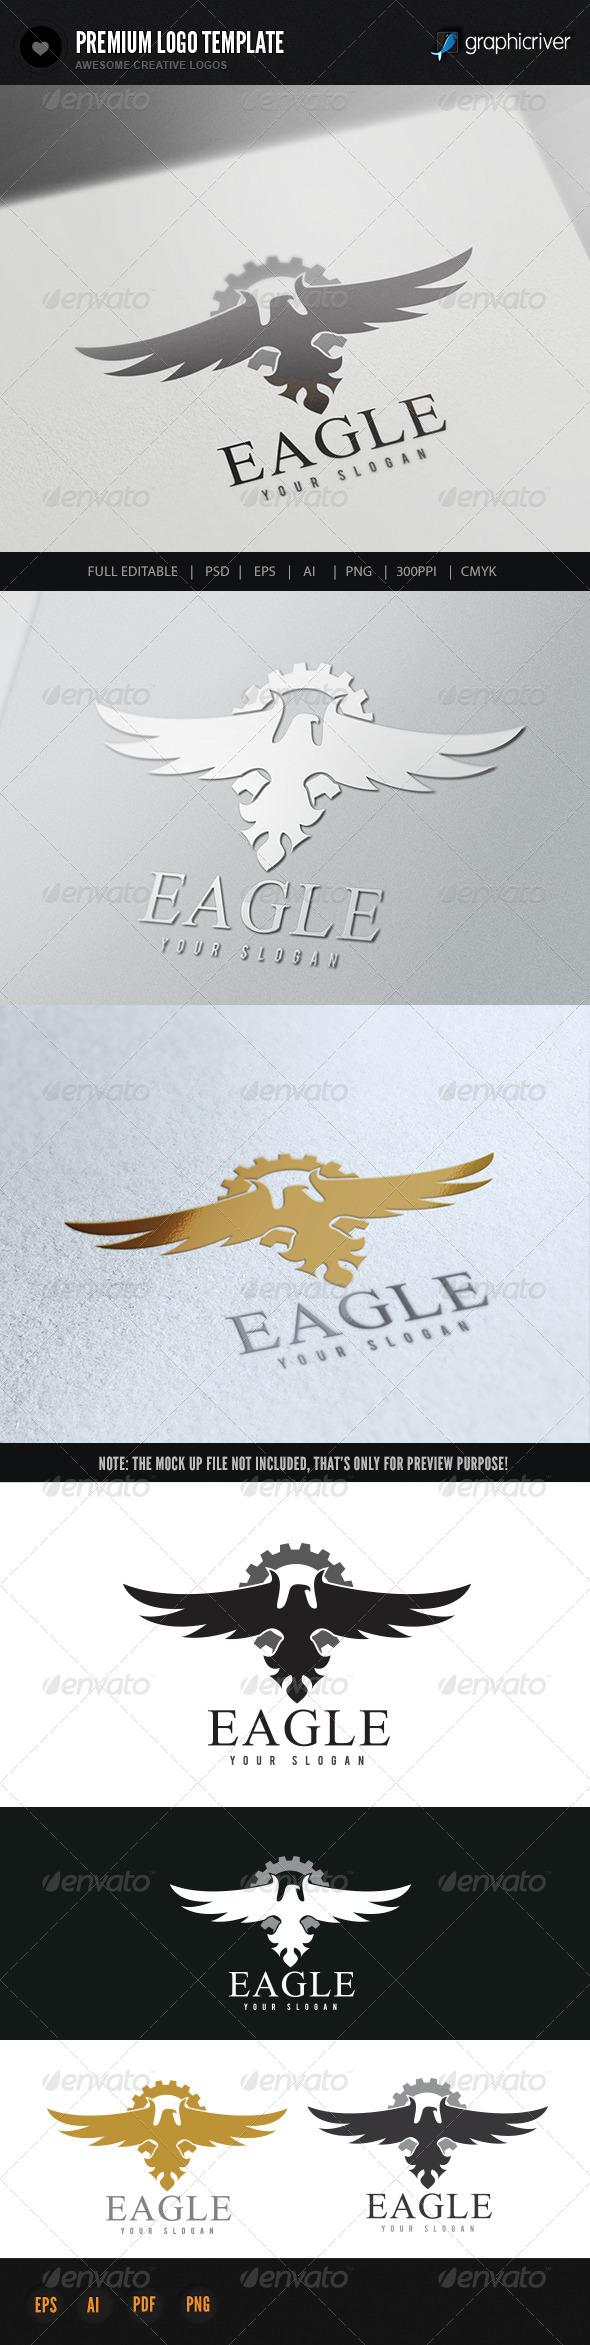 GraphicRiver Eagle 8676163